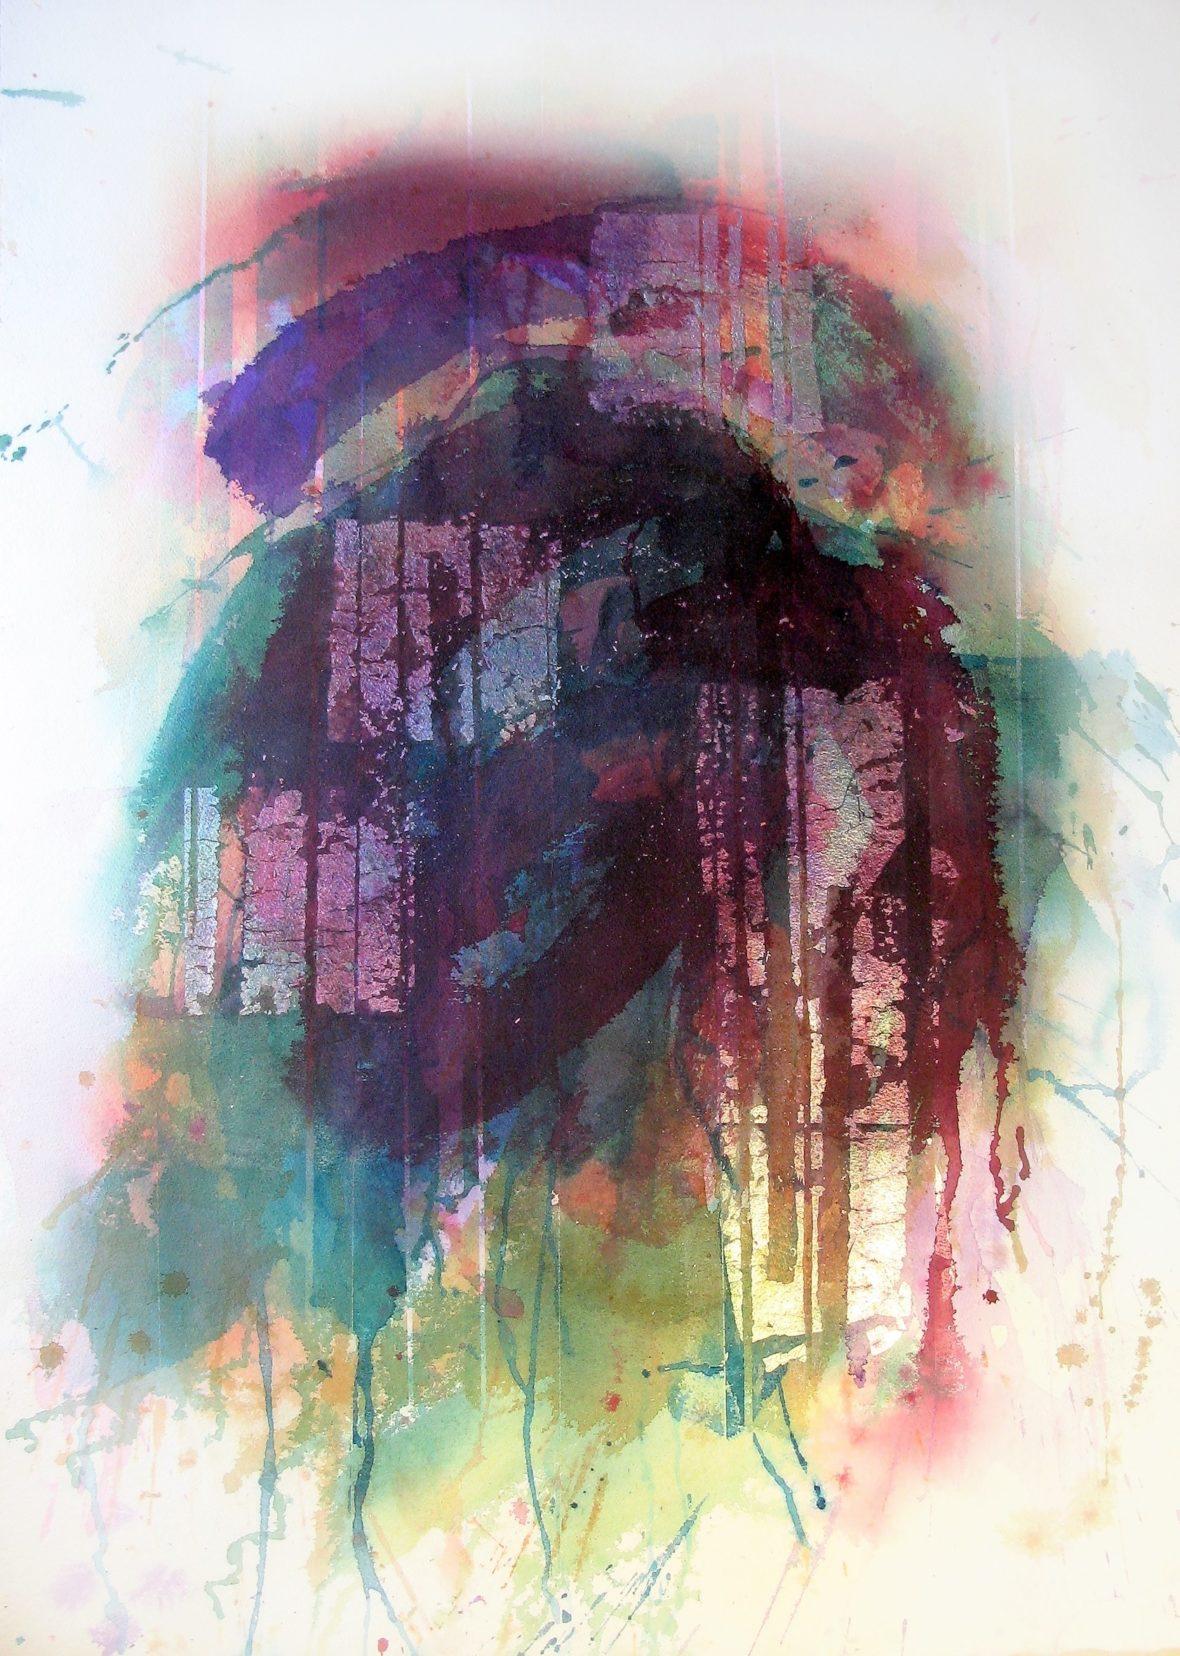 Värikäs akvarelli, paljon valumia ja roiskeita.